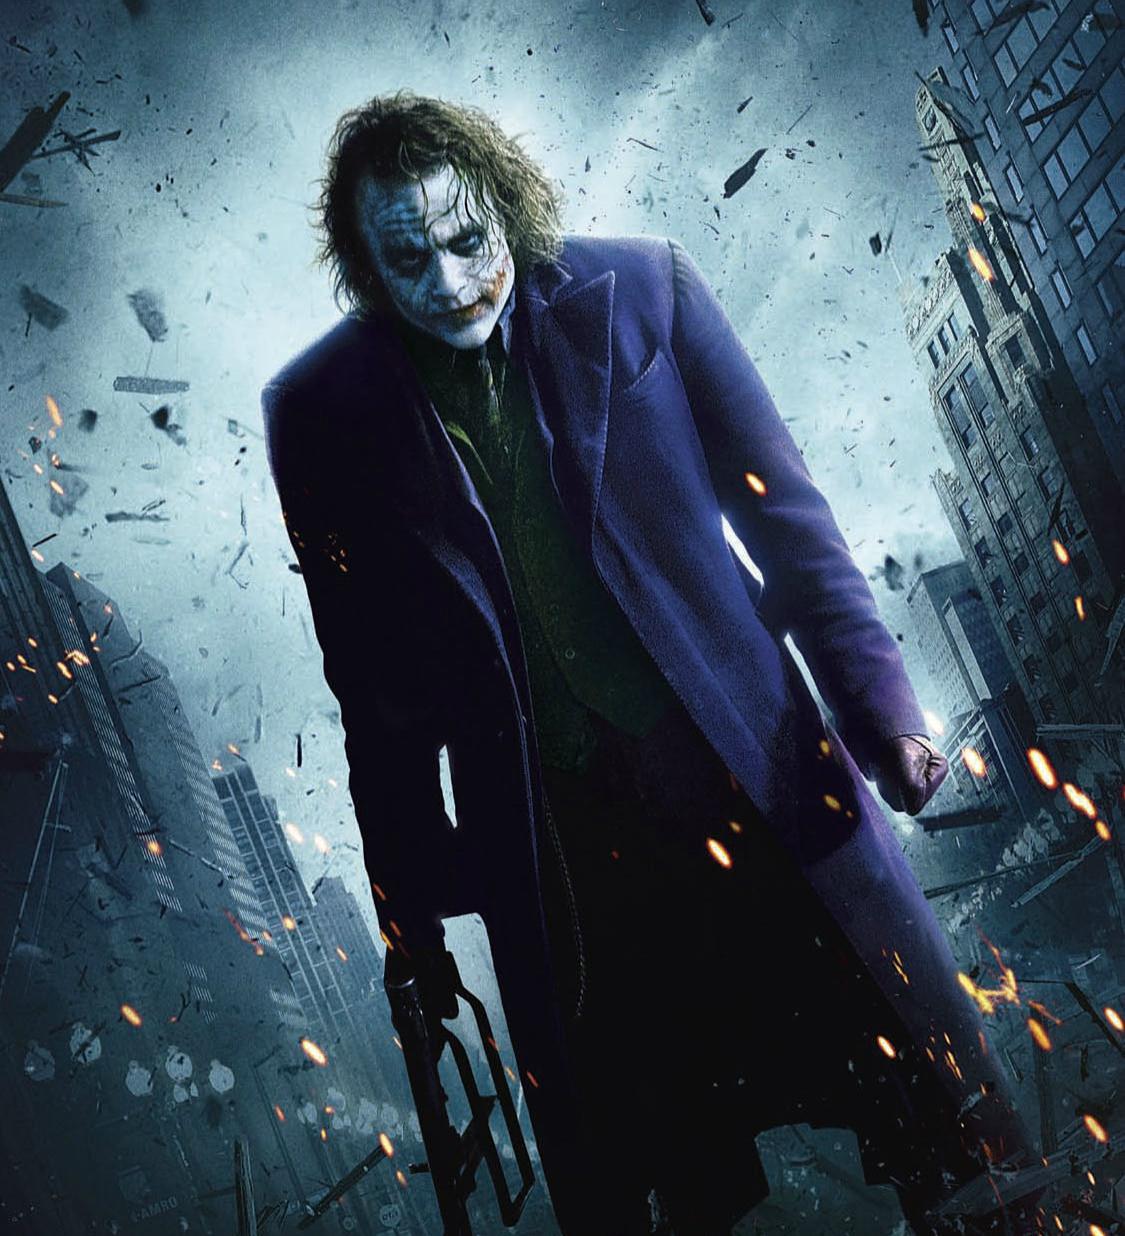 Joker Nolanverse Villains Wiki FANDOM powered by Wikia